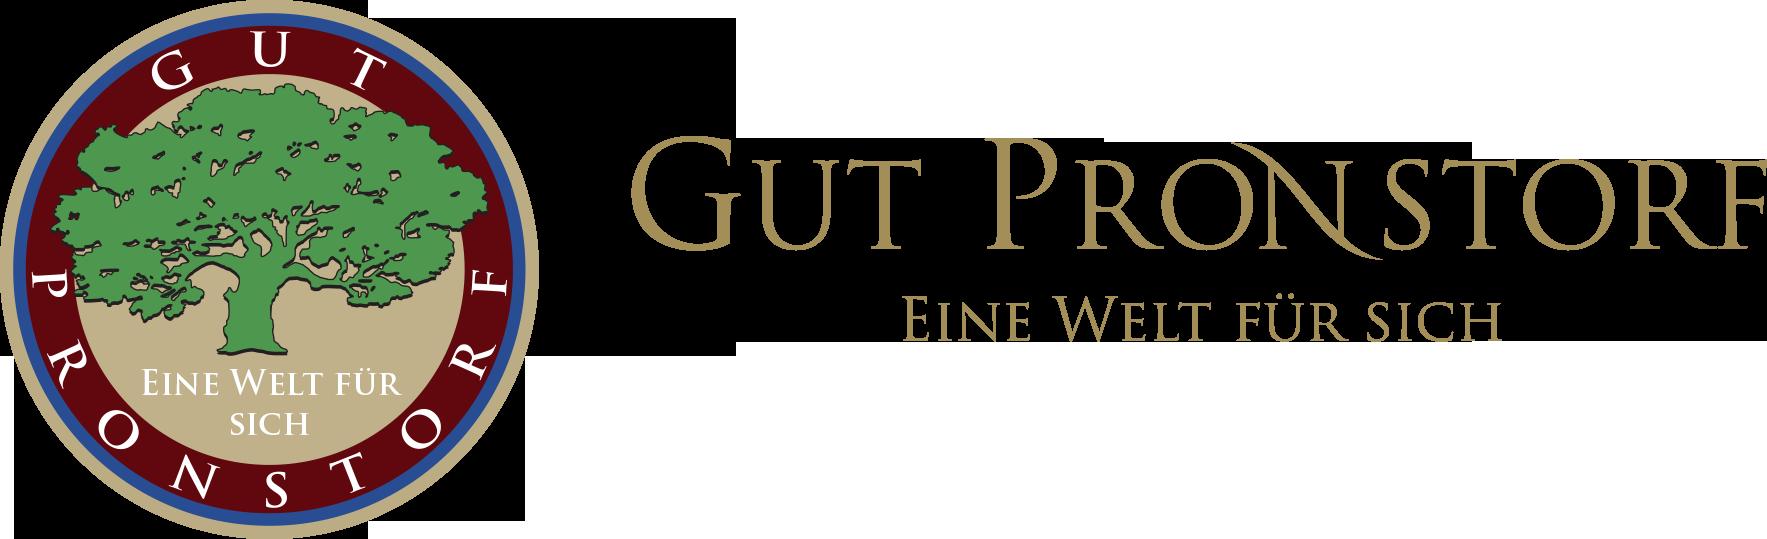 Gut Pronstorf Logo quer